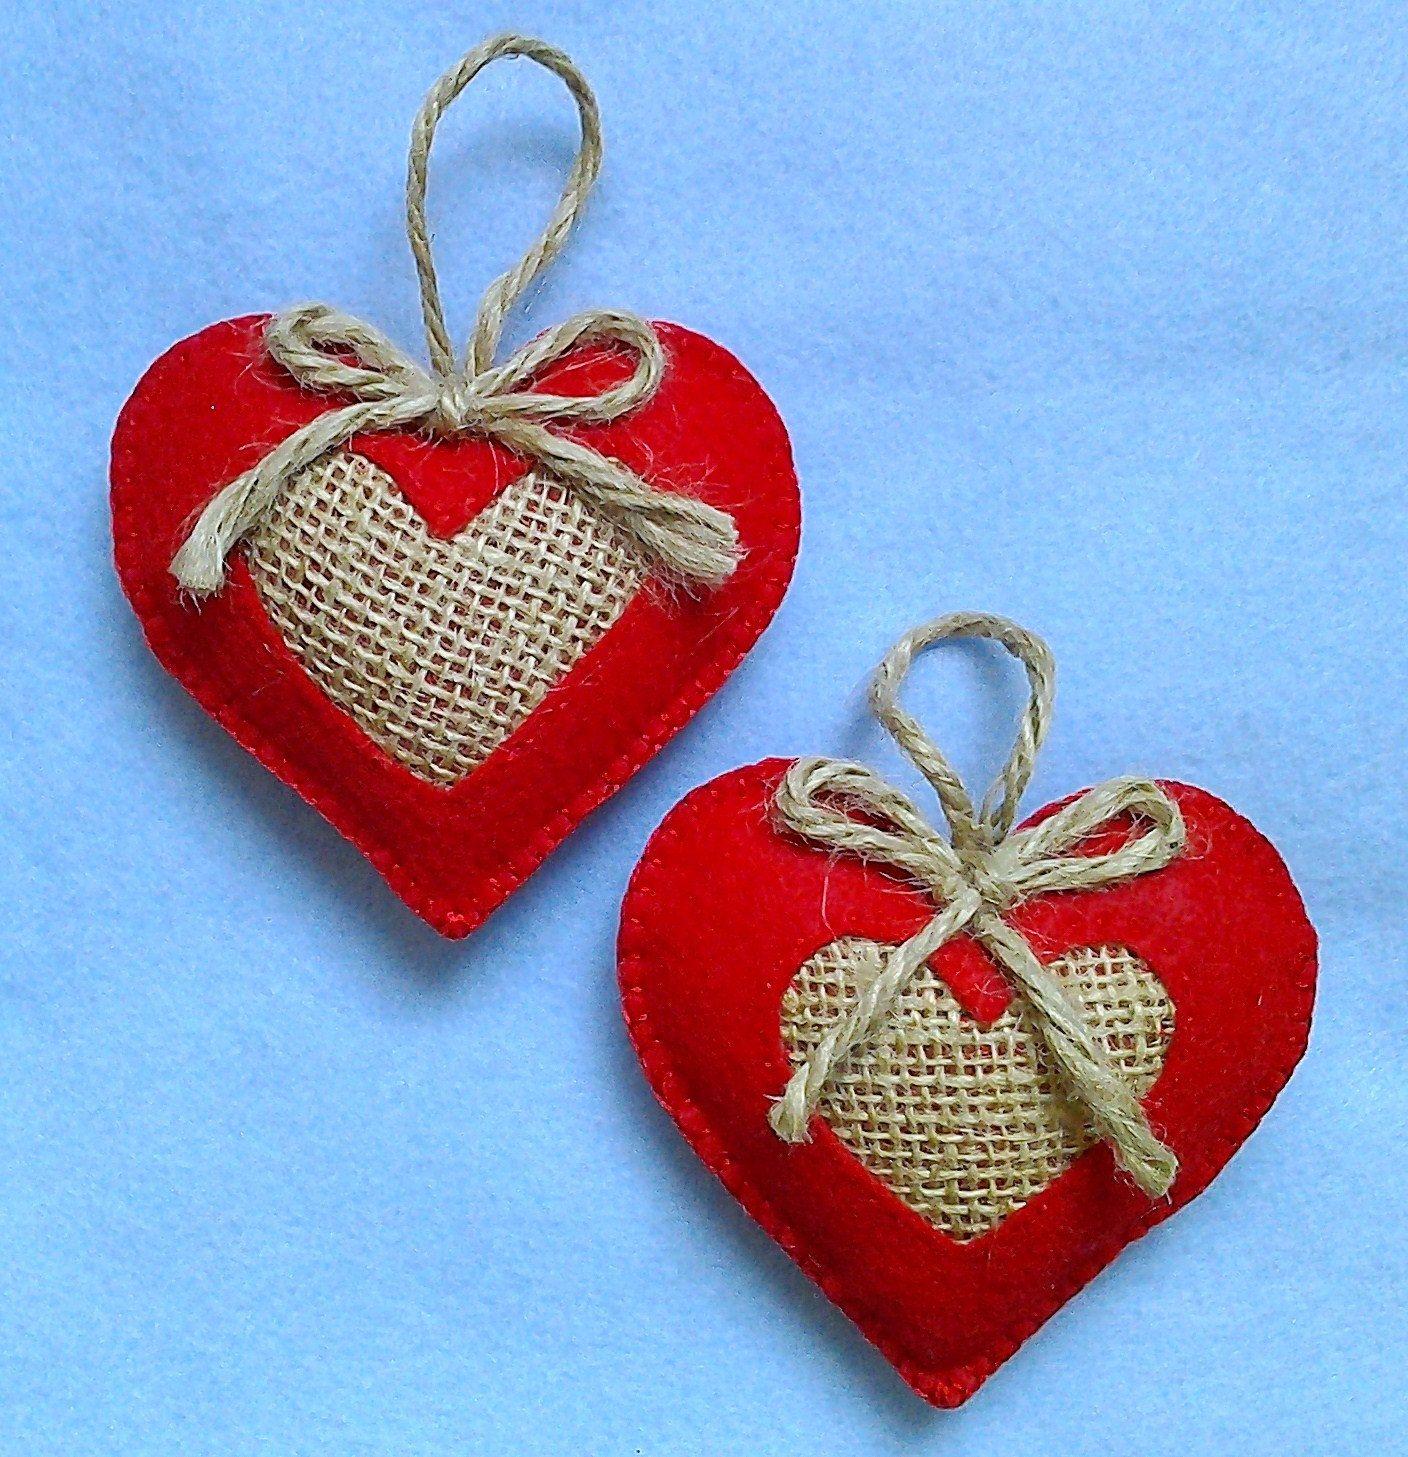 e590b5286 Los corazones de fieltro y arpillera hechos a mano de 2 | creaciones ...